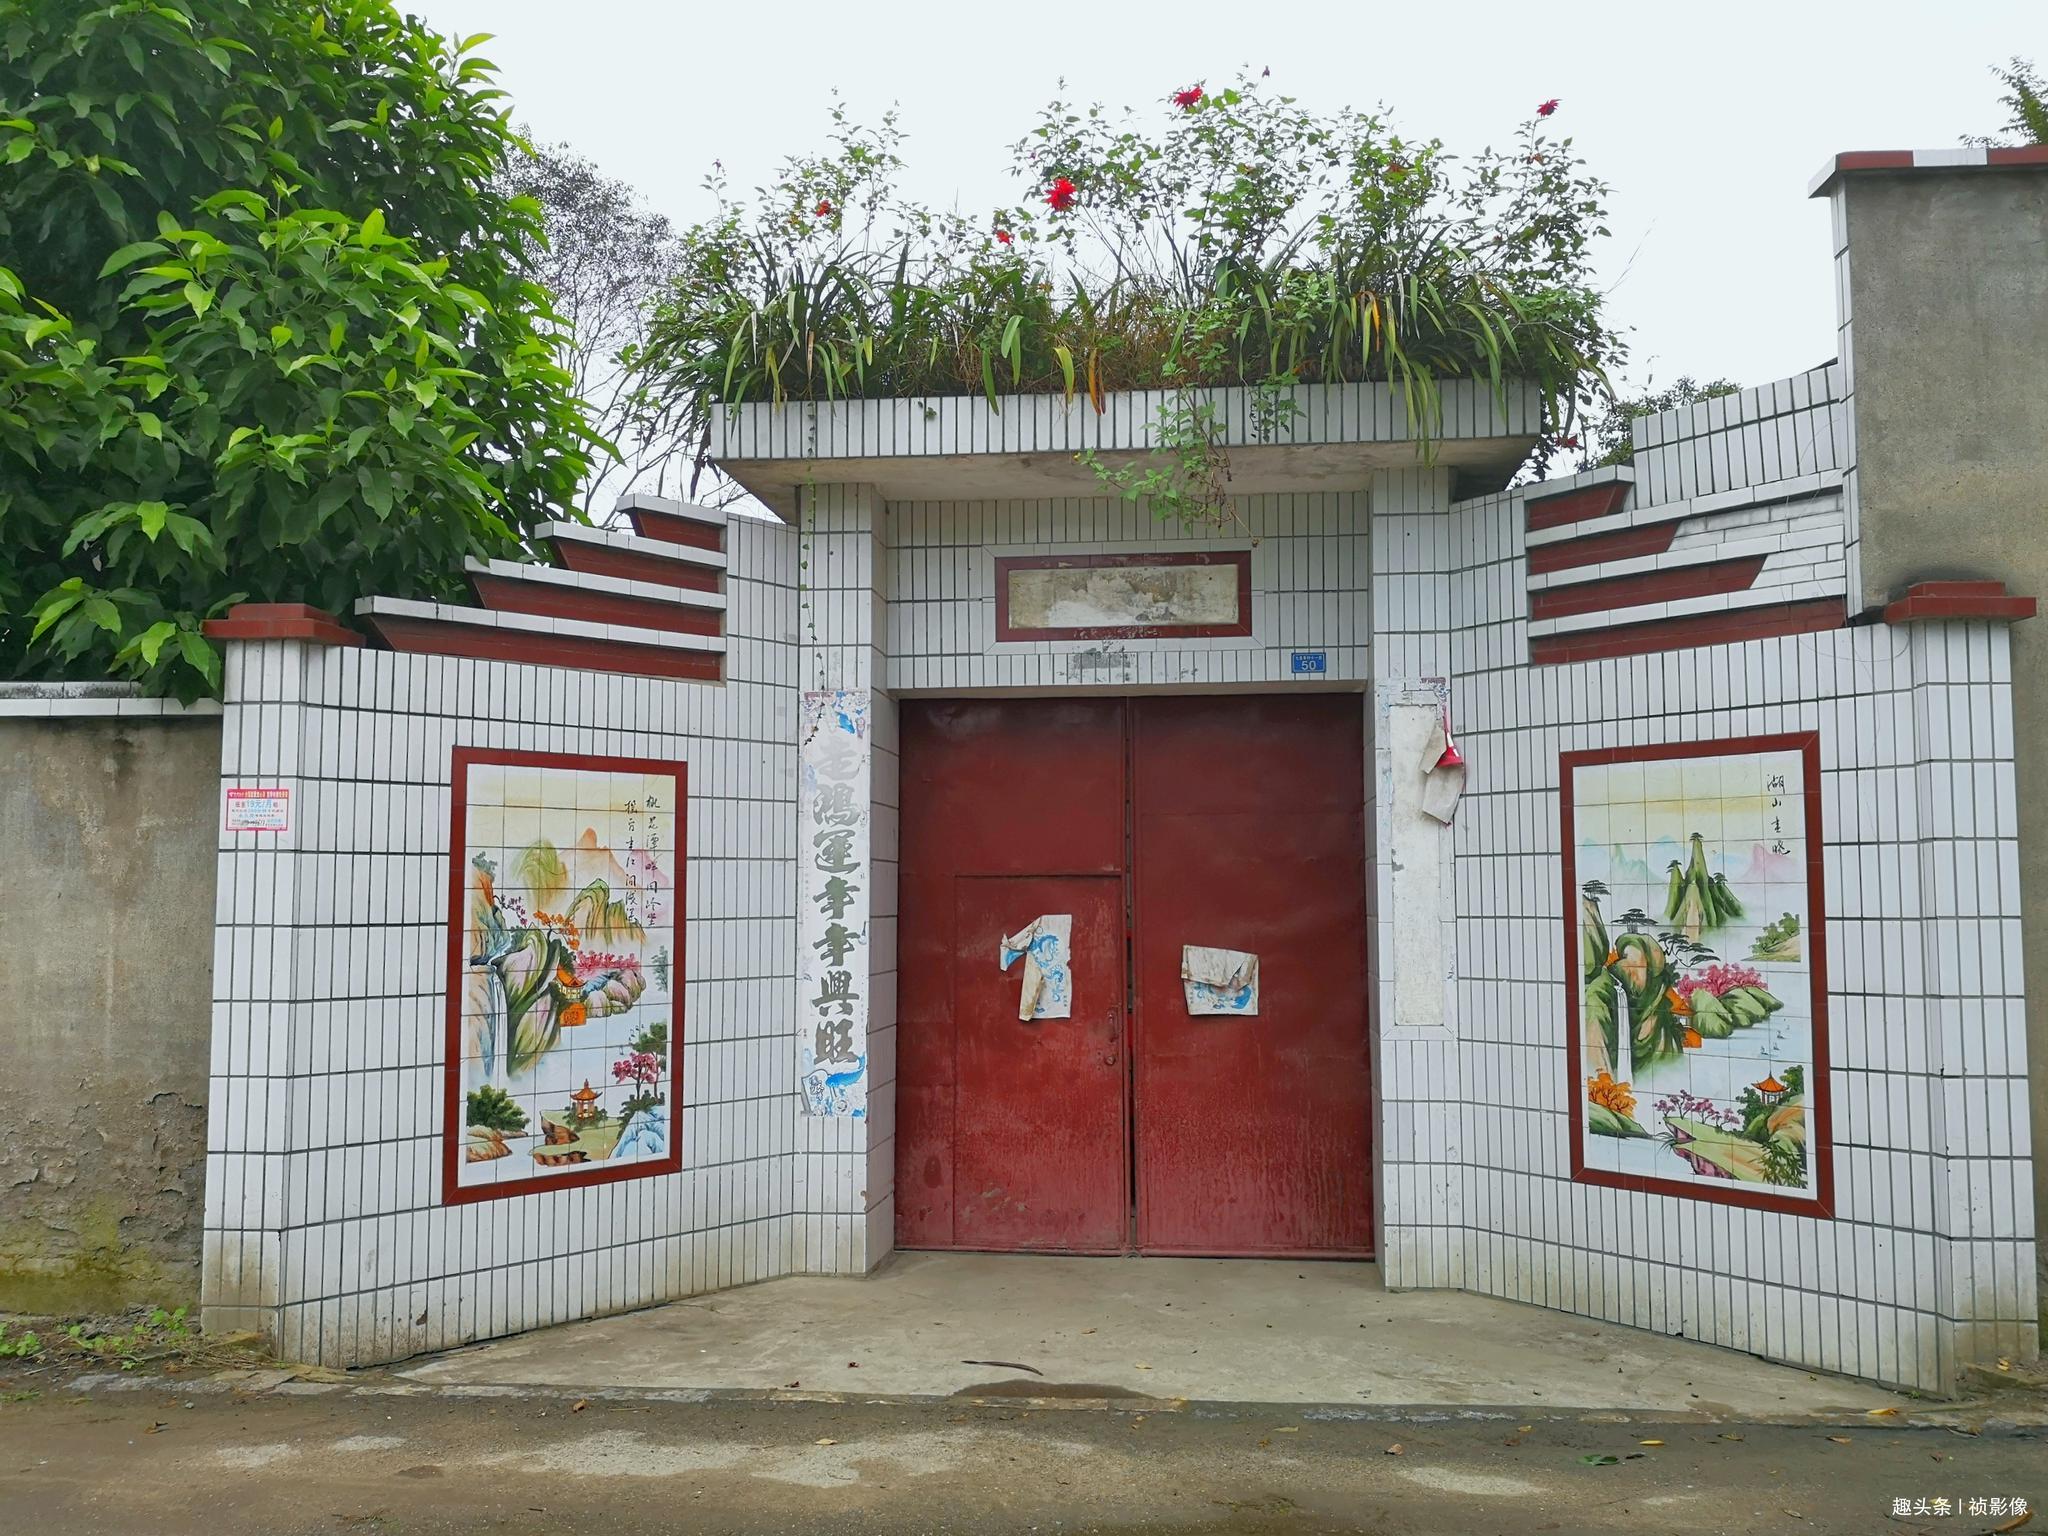 实拍四川农村8个农家小院大门,看看和你家有啥不一样!